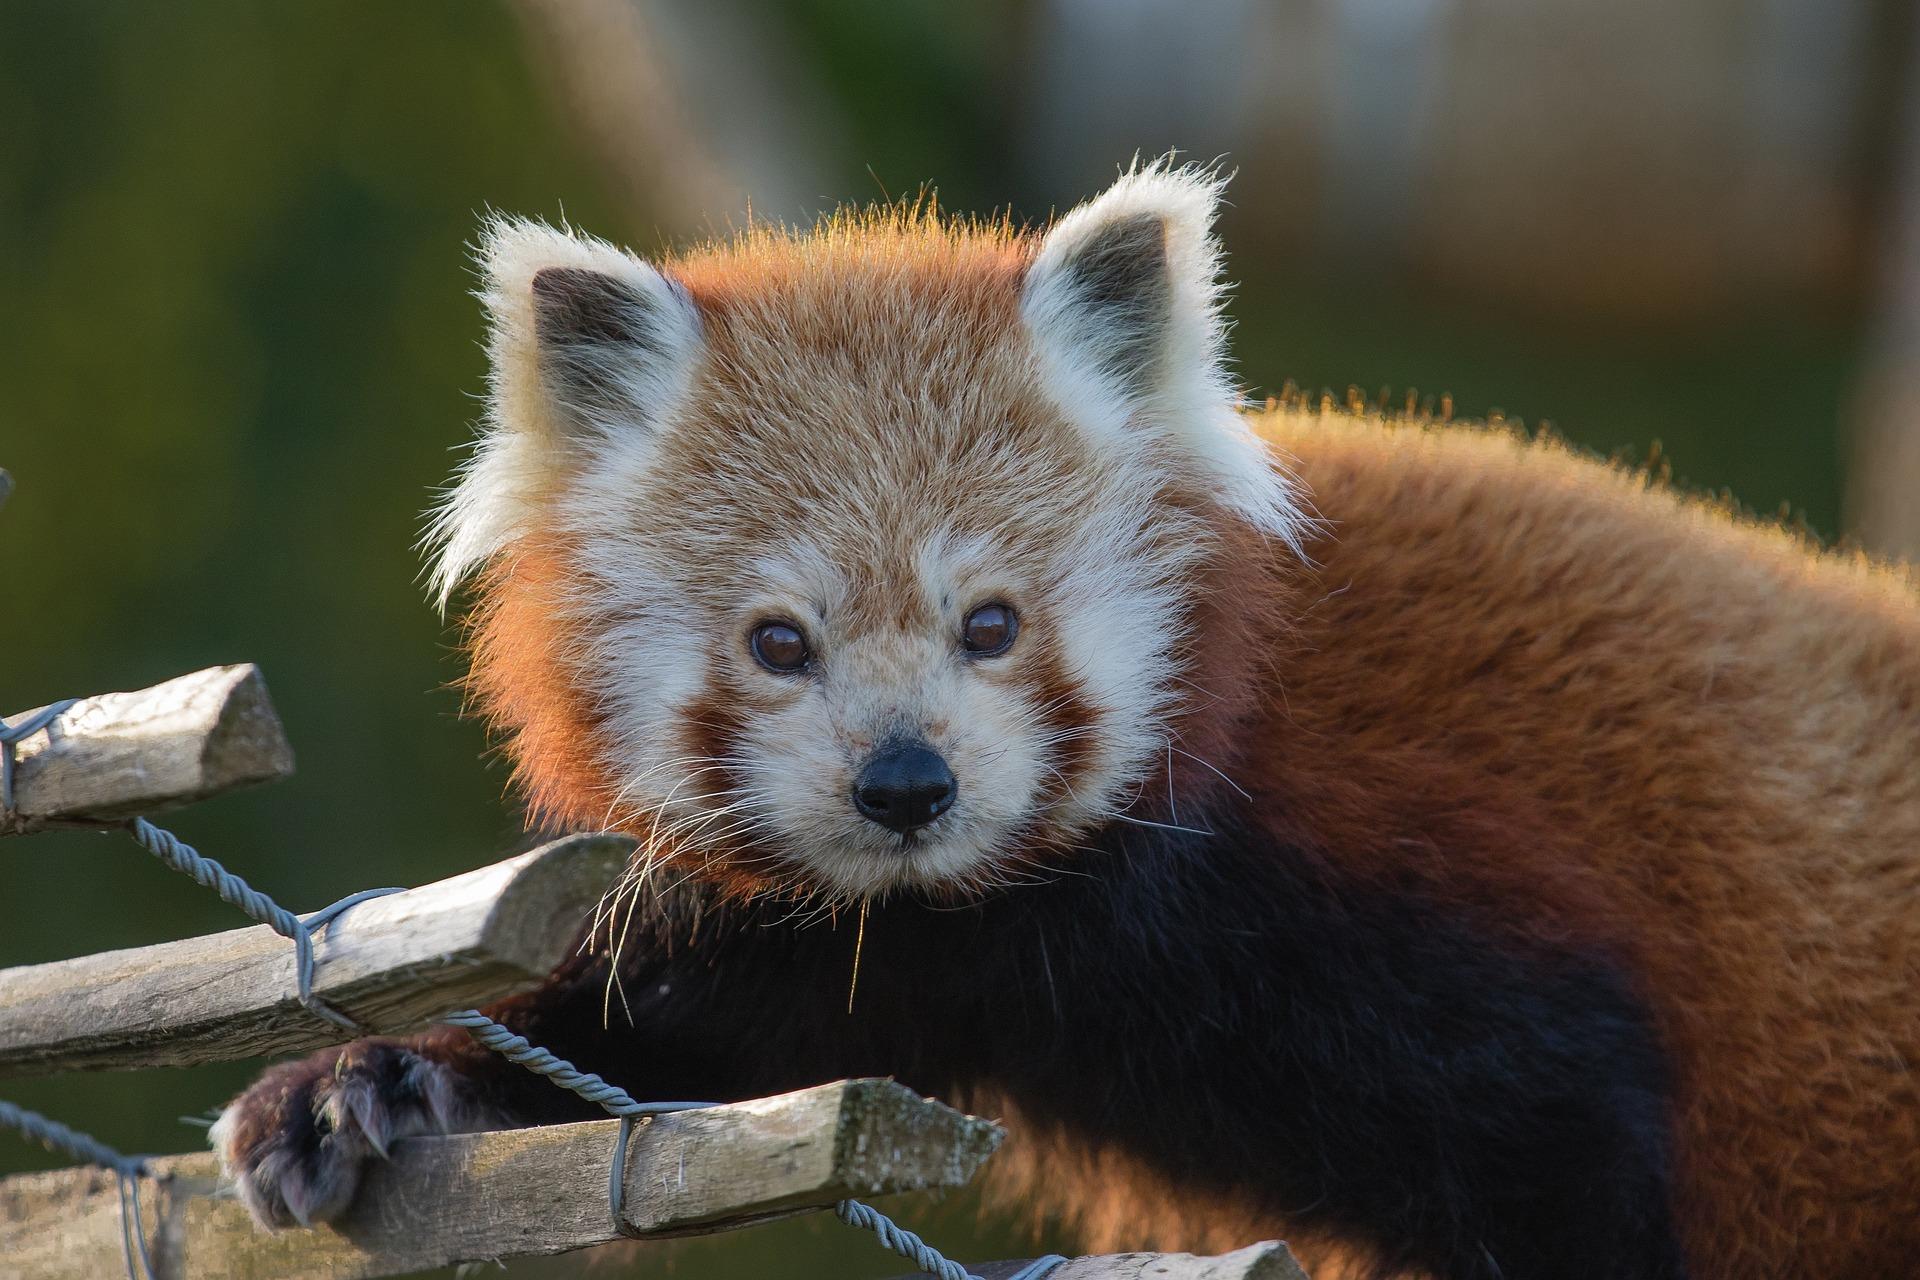 小熊猫, 脸上, 看看, 投标, 野生动物 - 壁纸 - 教授-falken.com